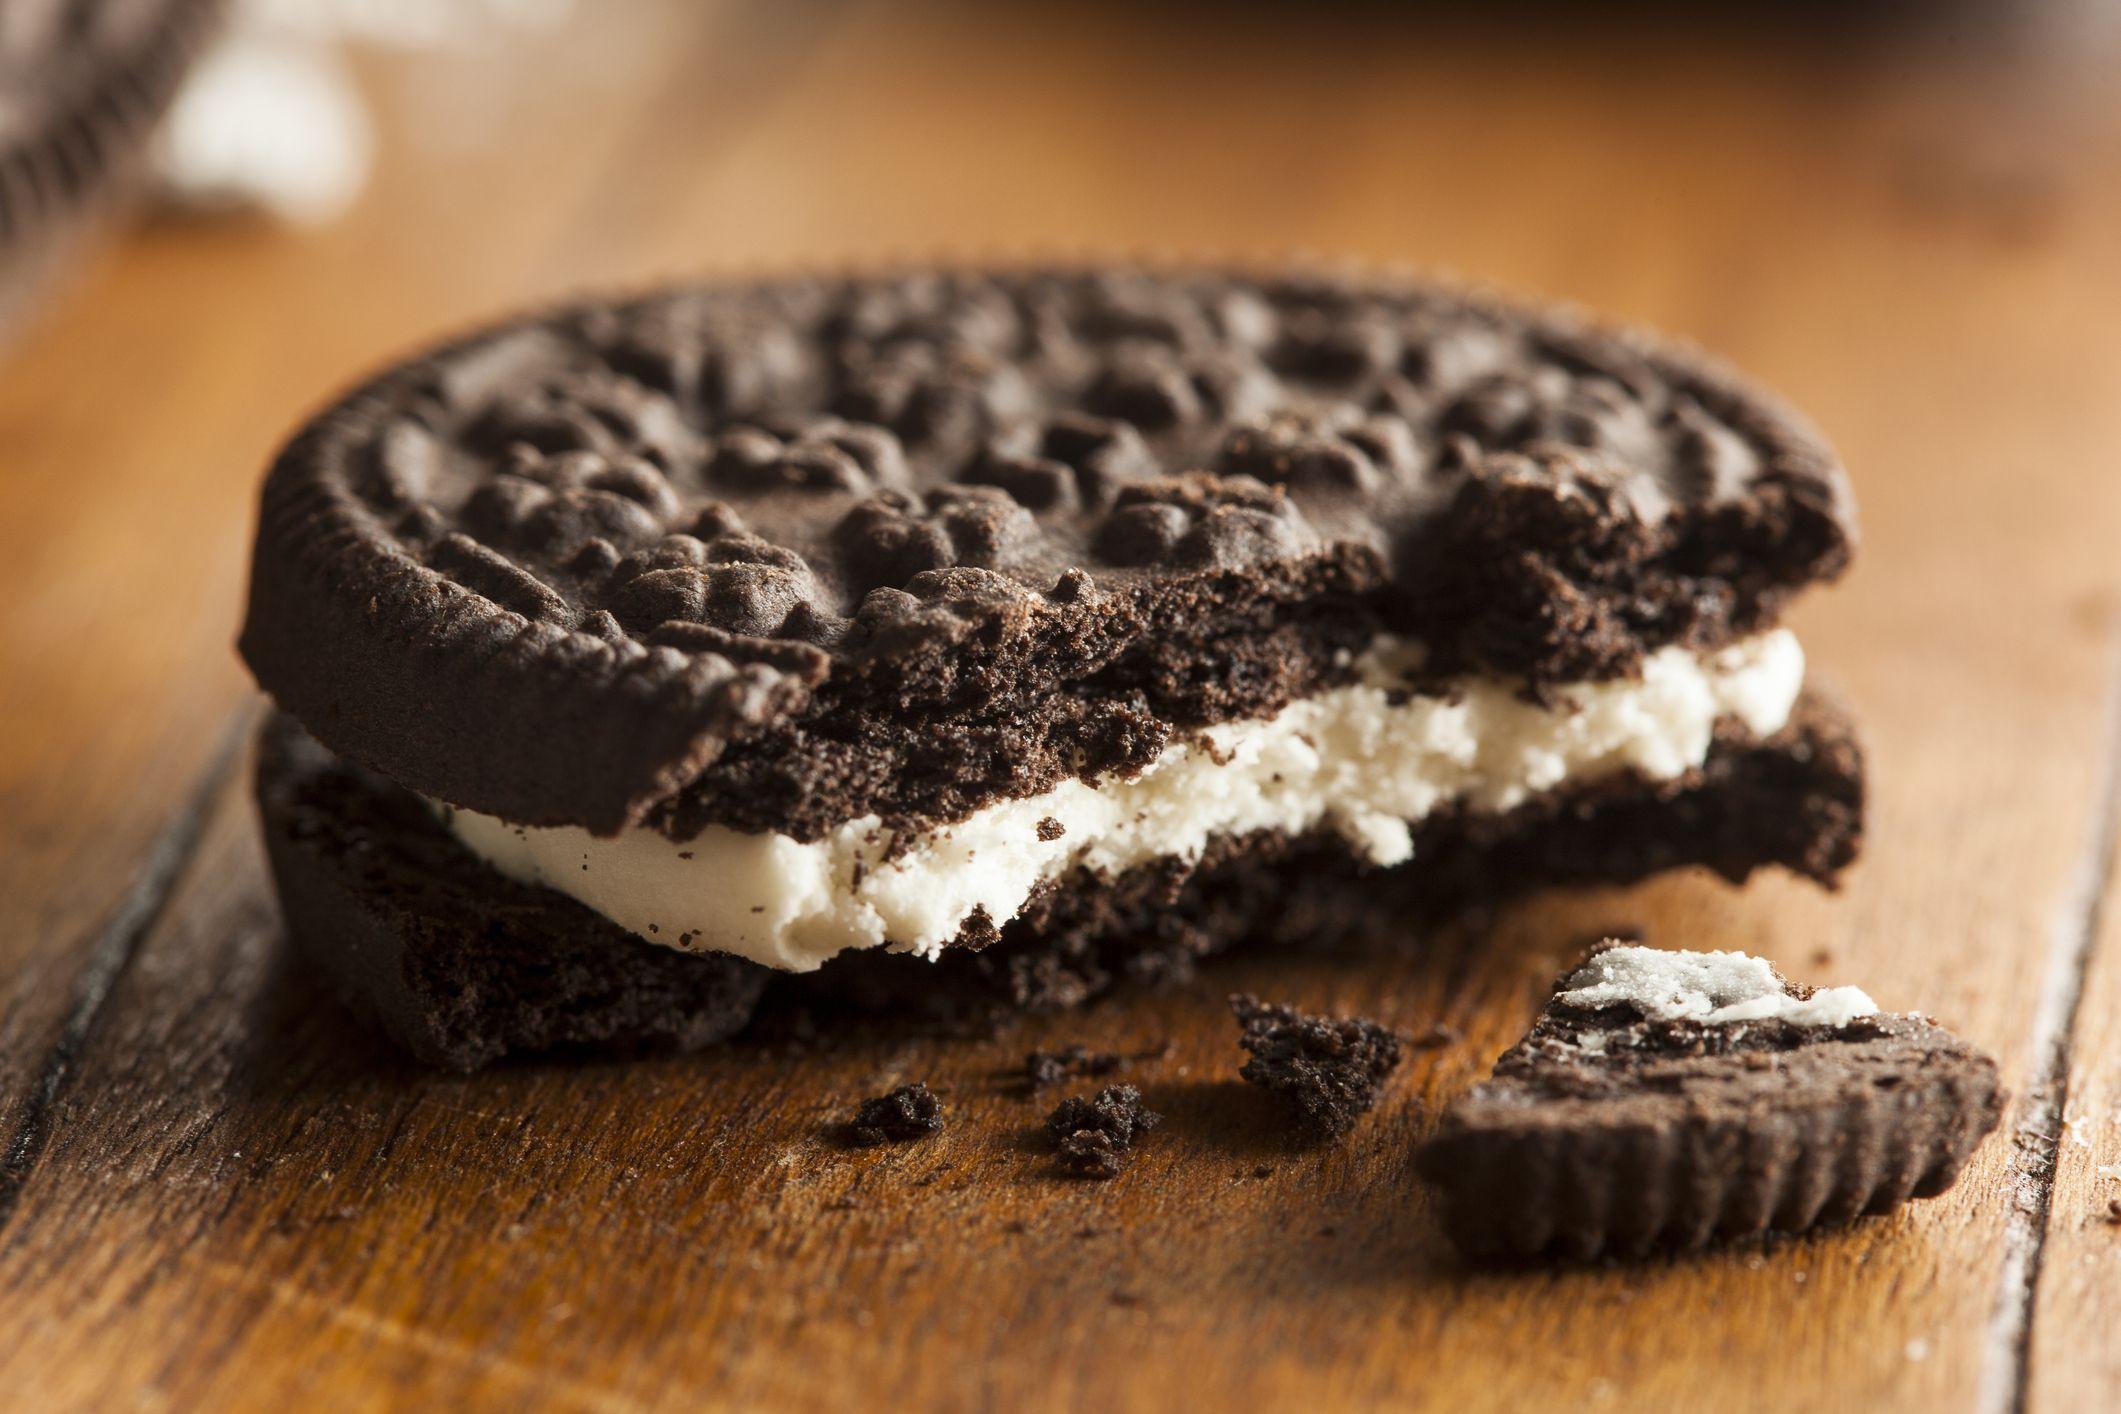 Oreo lanza la versión gluten free de sus míticas galletas